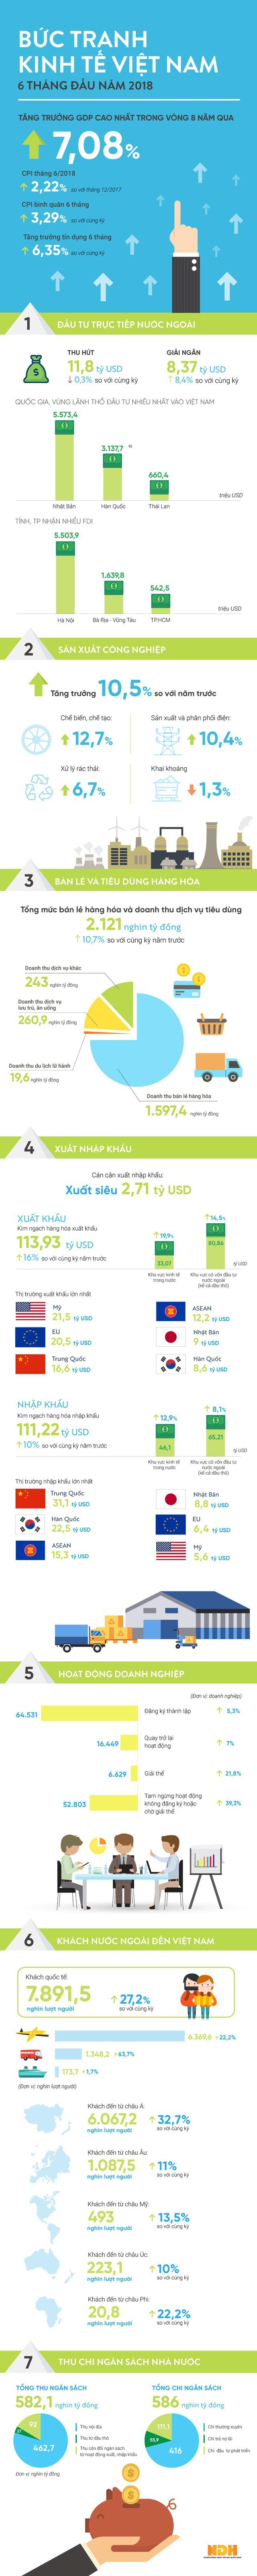 [Infographic] Bức tranh kinh tế 6 tháng đầu năm qua các chỉ số - Ảnh 1.